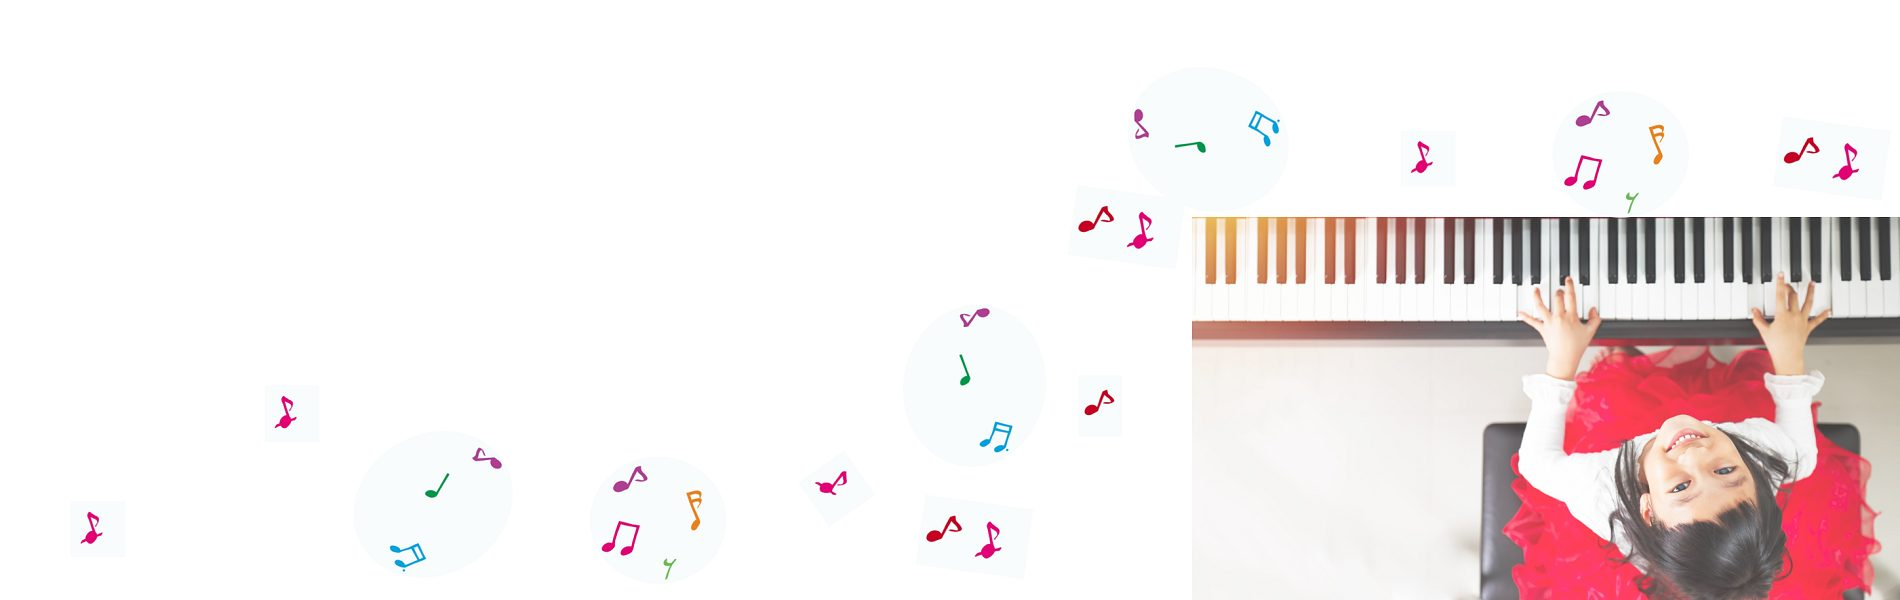 幼児のピアノレッスン/愛知県稲沢市みずのゆうこピアノとリトミック教室